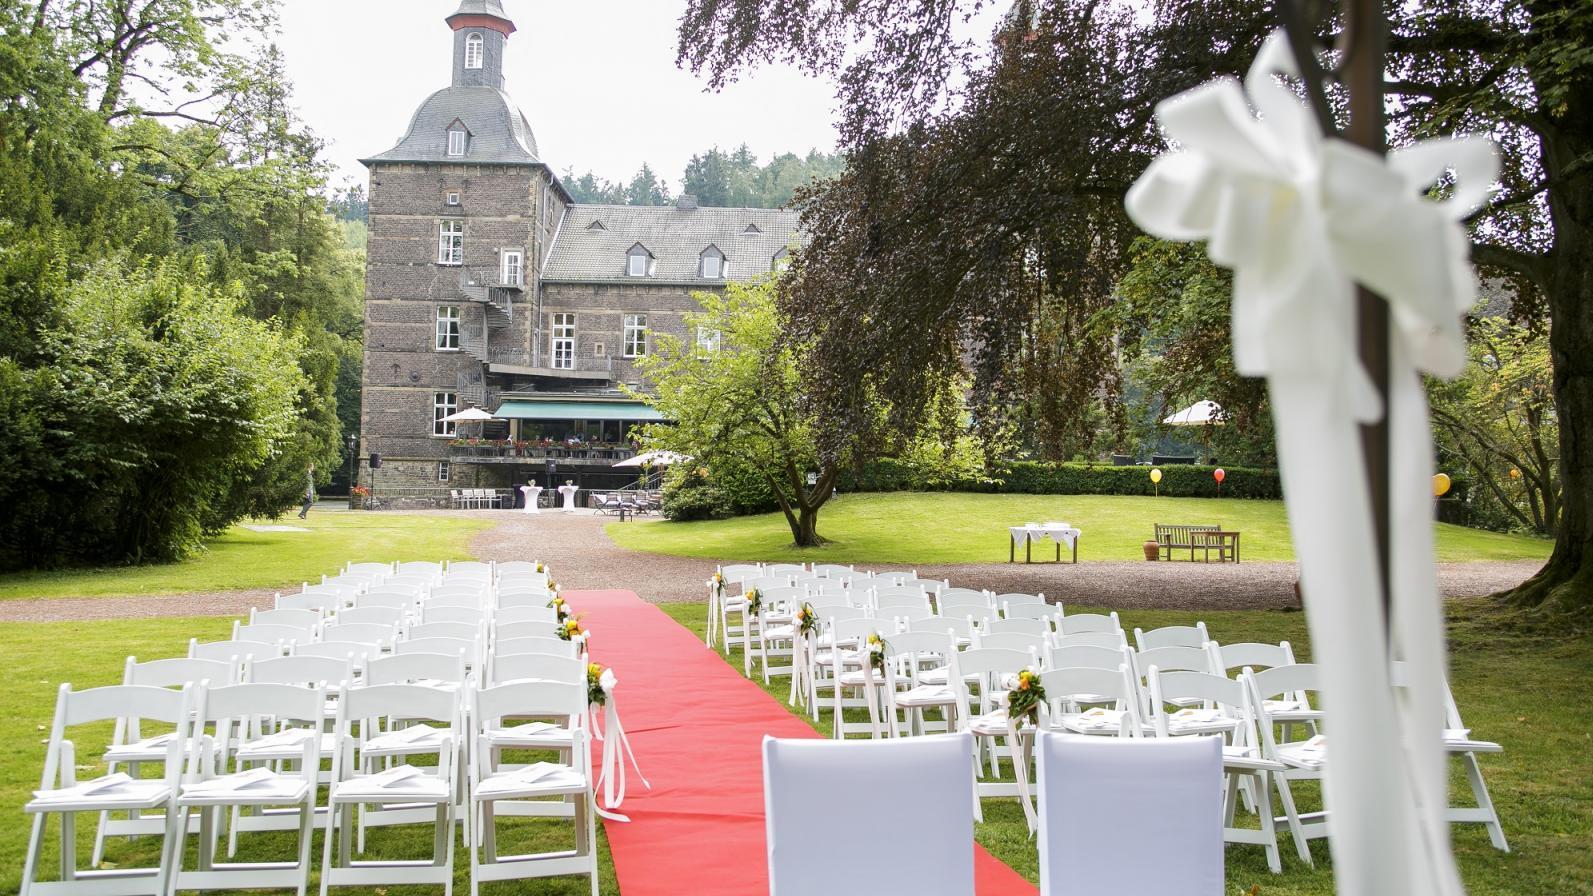 Heiraten auf Schloss Hugenpoet - Alles für die perfekte